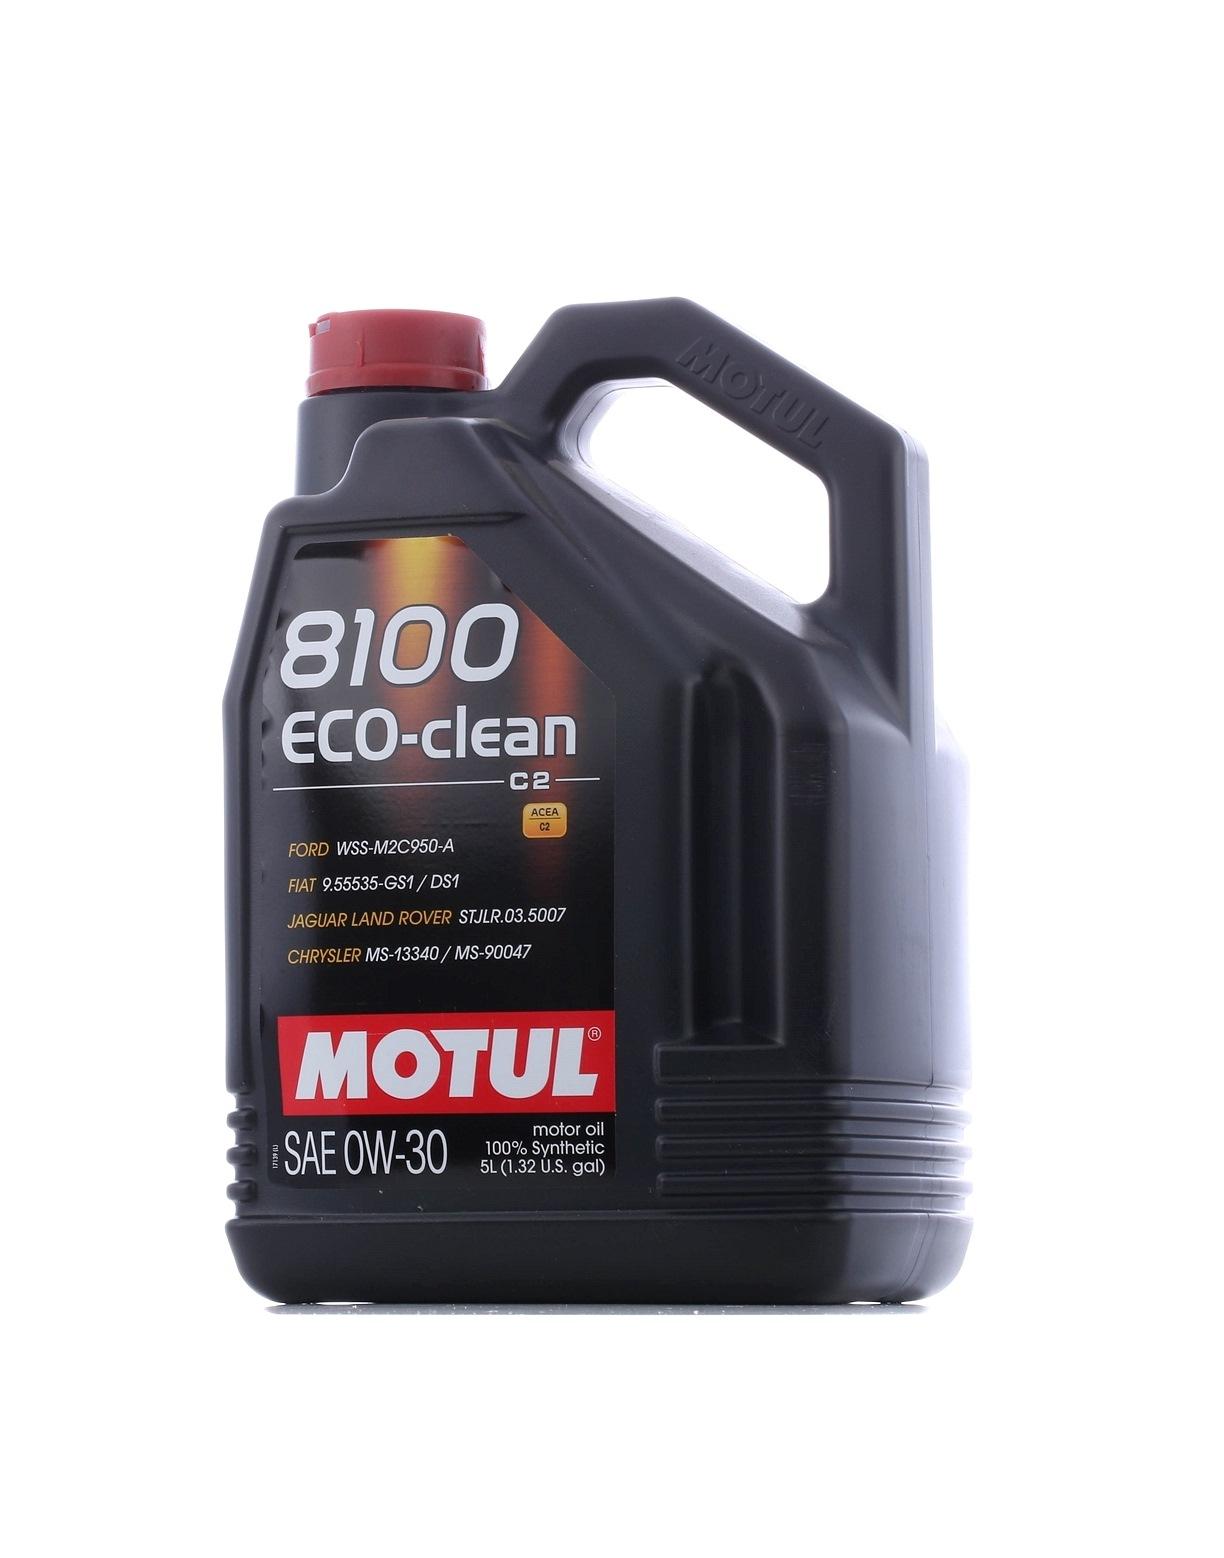 Olio motore MOTUL SPECIFIC23120W30 valutazione